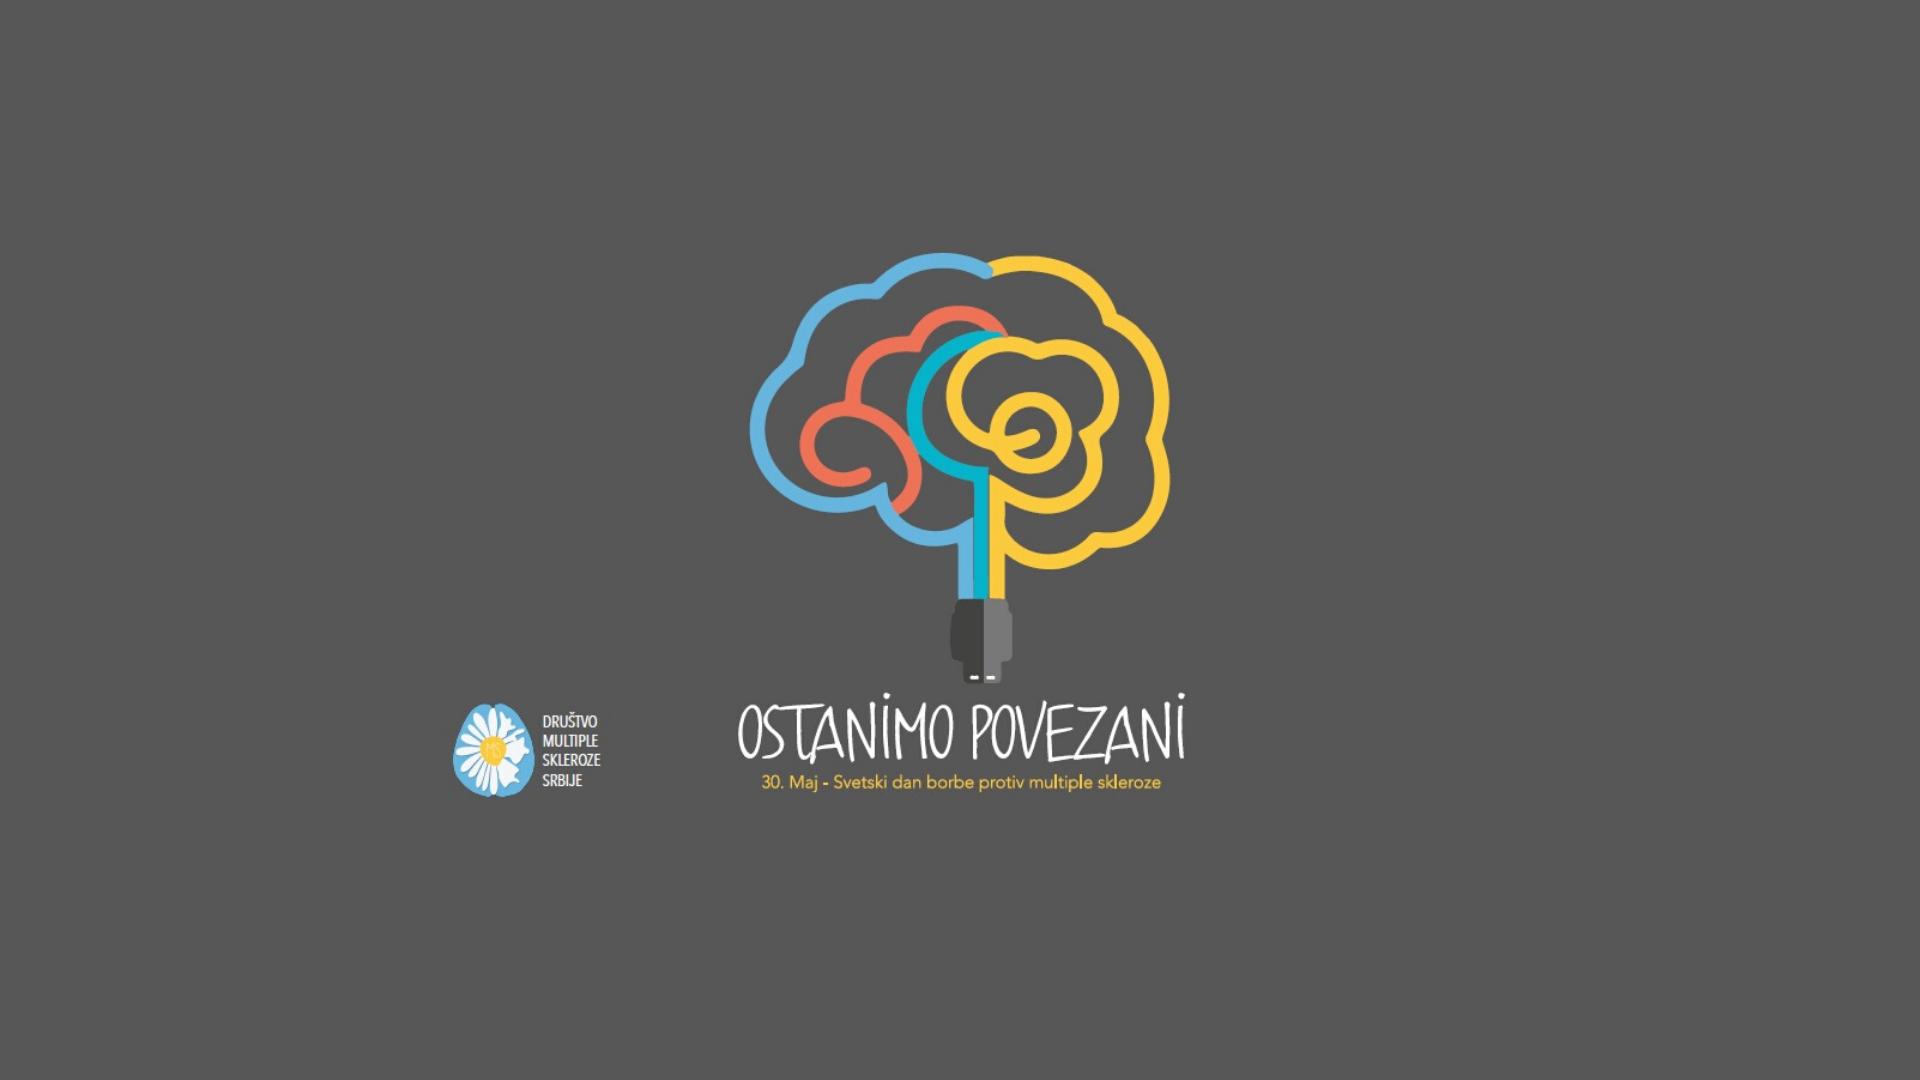 neuronet, multipla skleroza